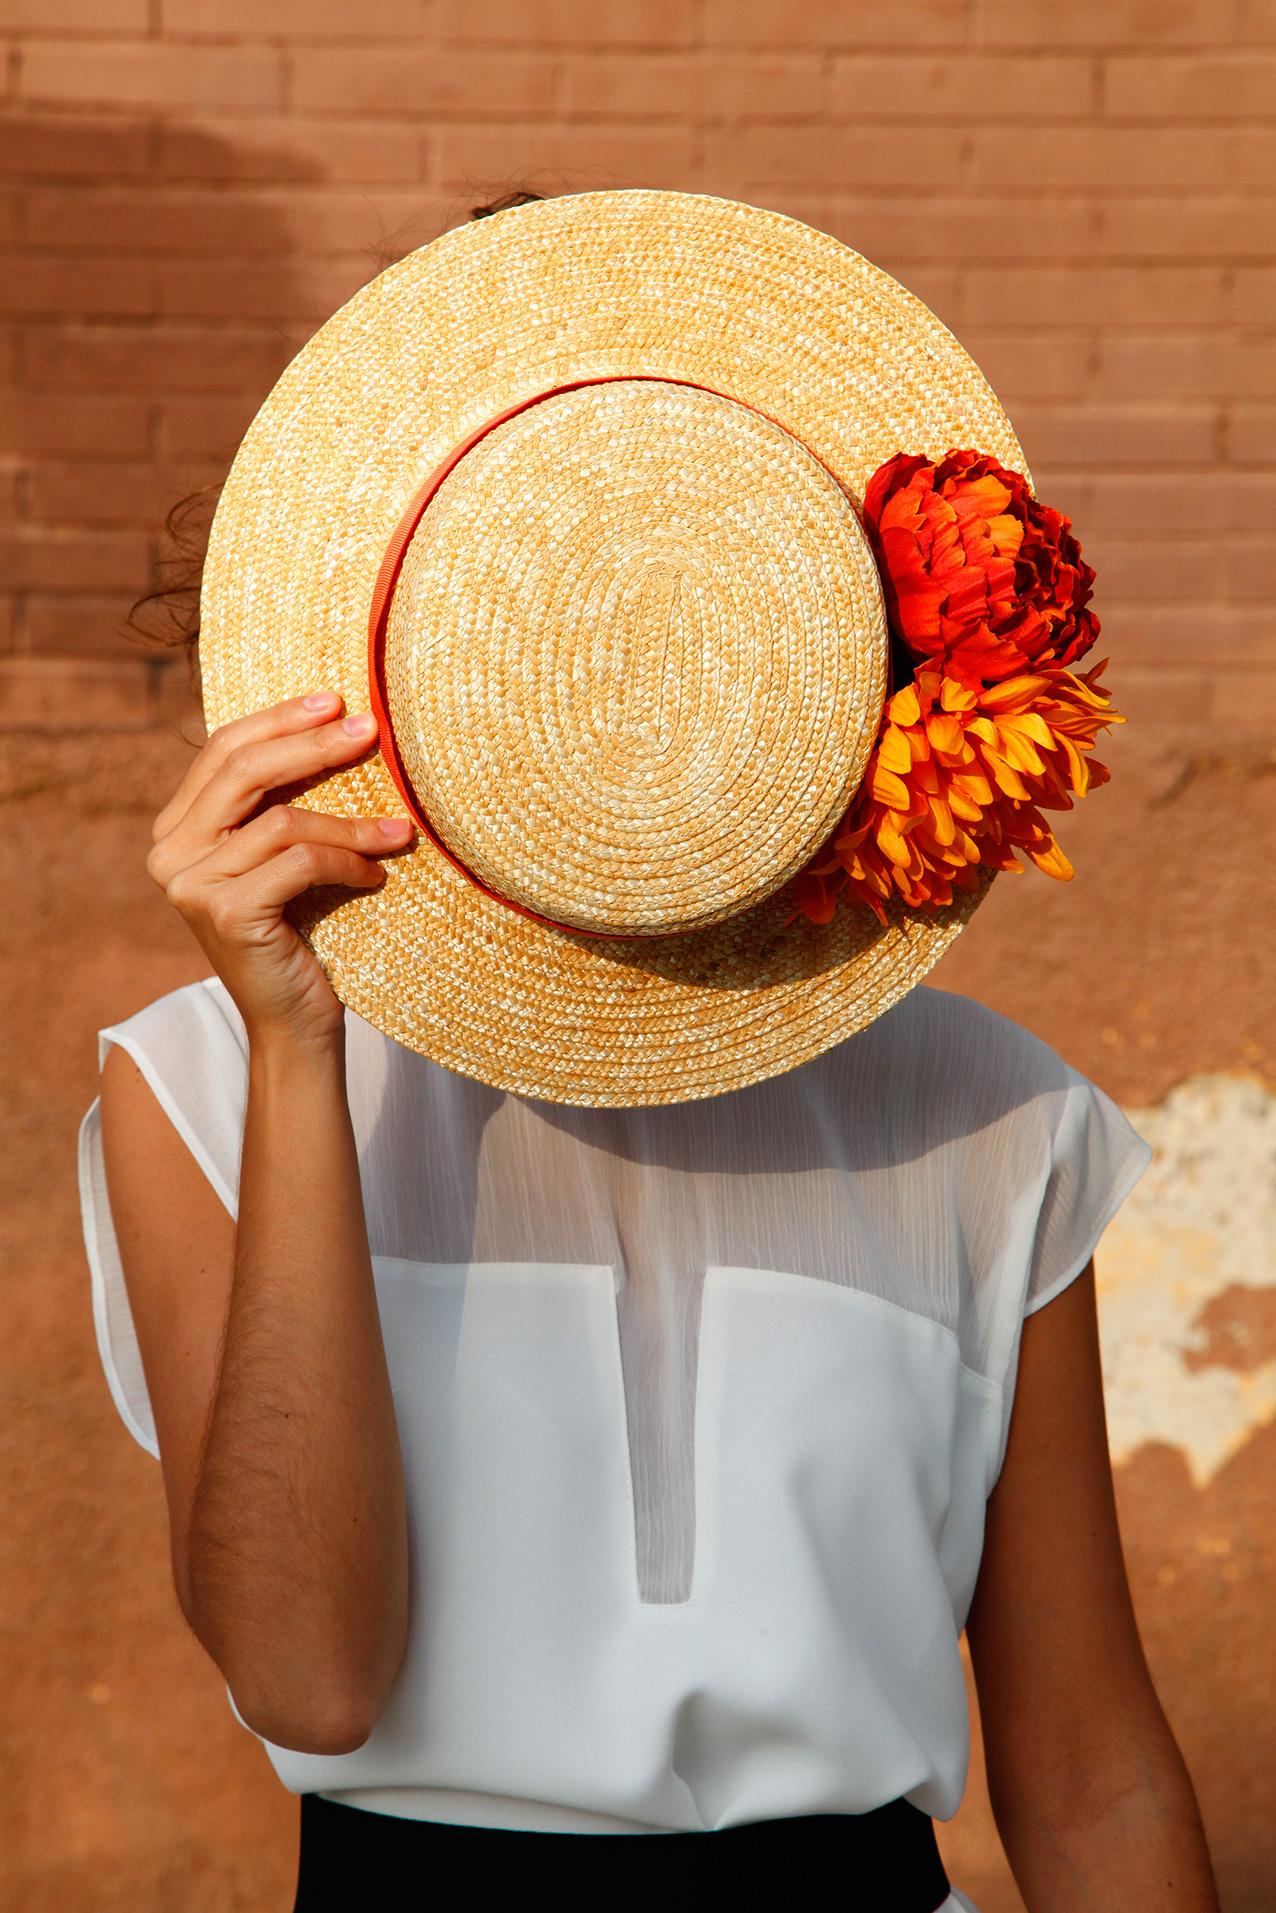 vestido_blanco-white_dress-evento-eventos-cool_lemonade-look